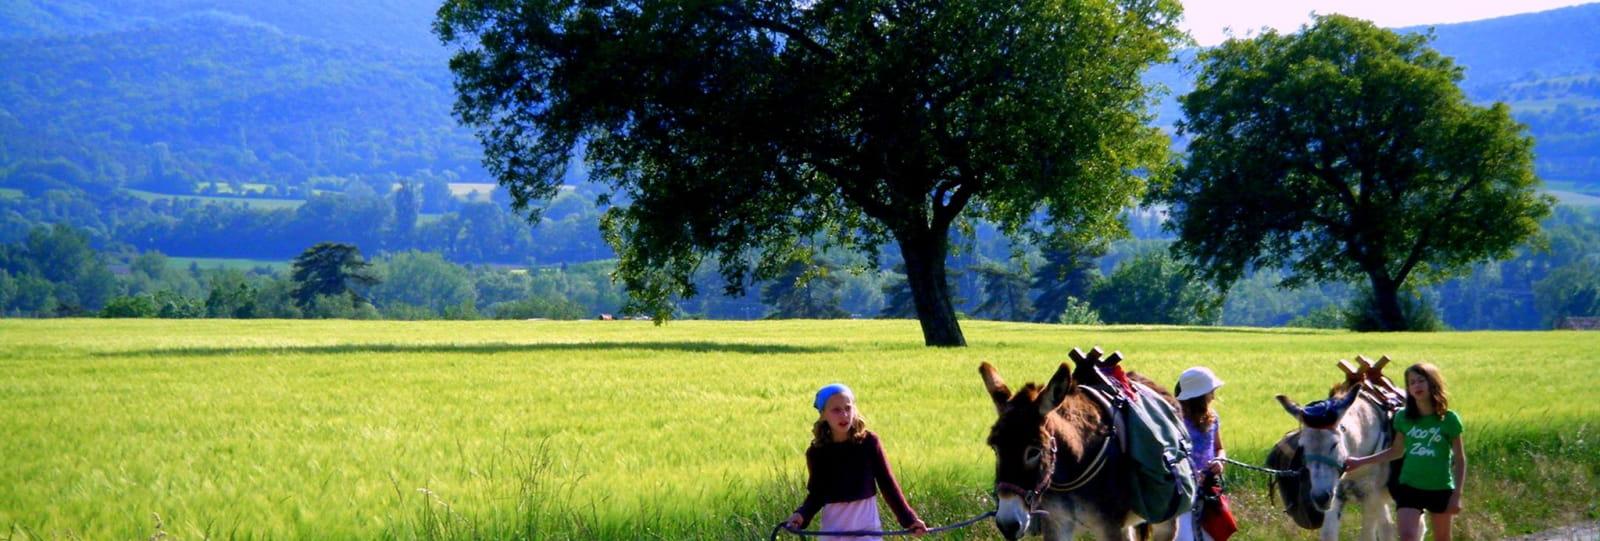 Balade accompagnée du doux pas de l'âne